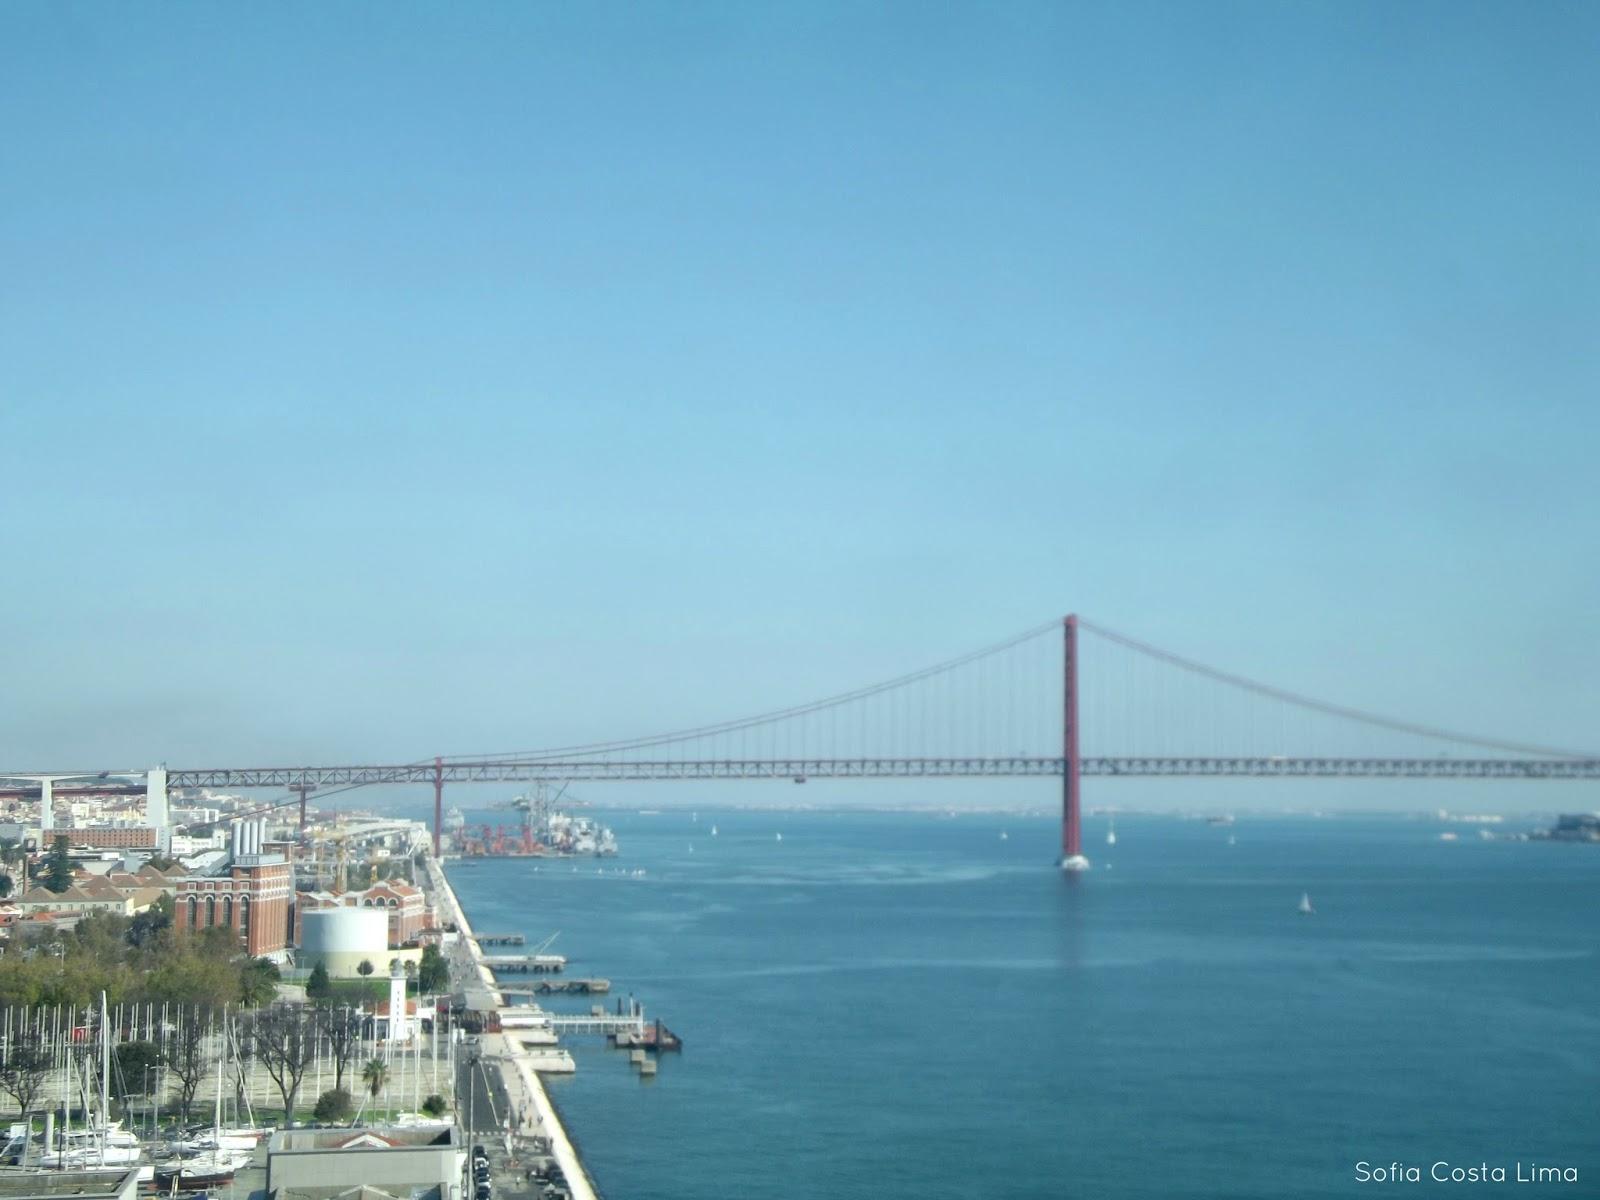 Lisboa: Padrão dos Descobrimentos